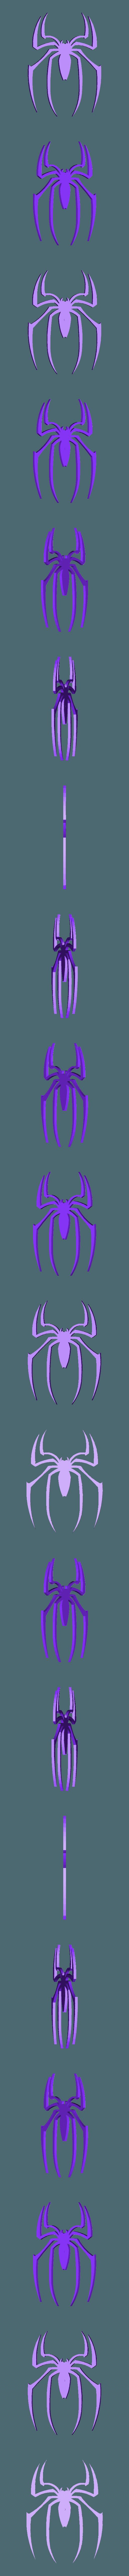 spidy-onlyspider.STL Télécharger fichier STL gratuit Marvel - Logo Spiderman 2 (araignée seulement) • Modèle pour impression 3D, arifsethi